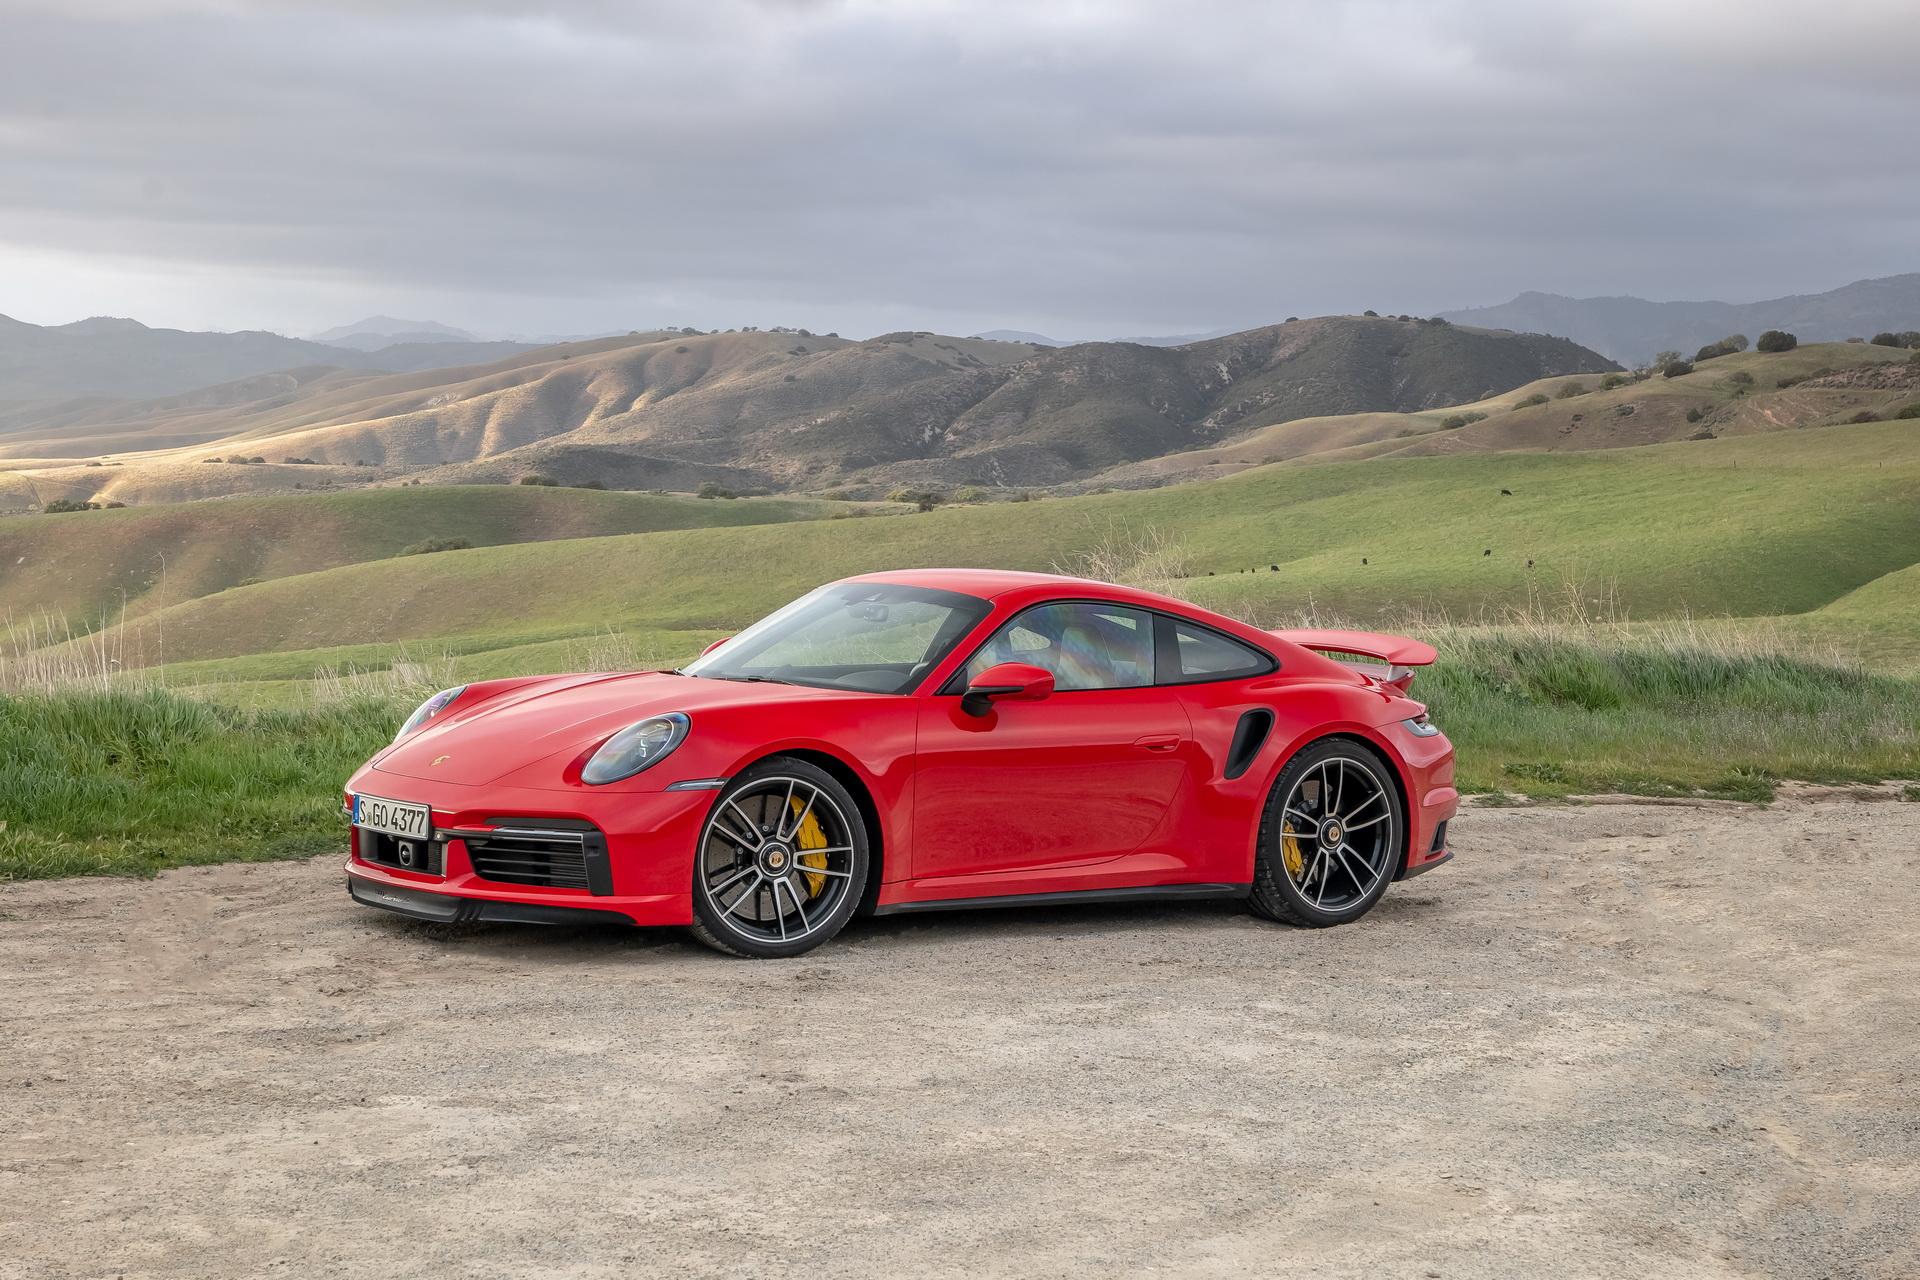 Porsche 911 Turbo S 650 KM